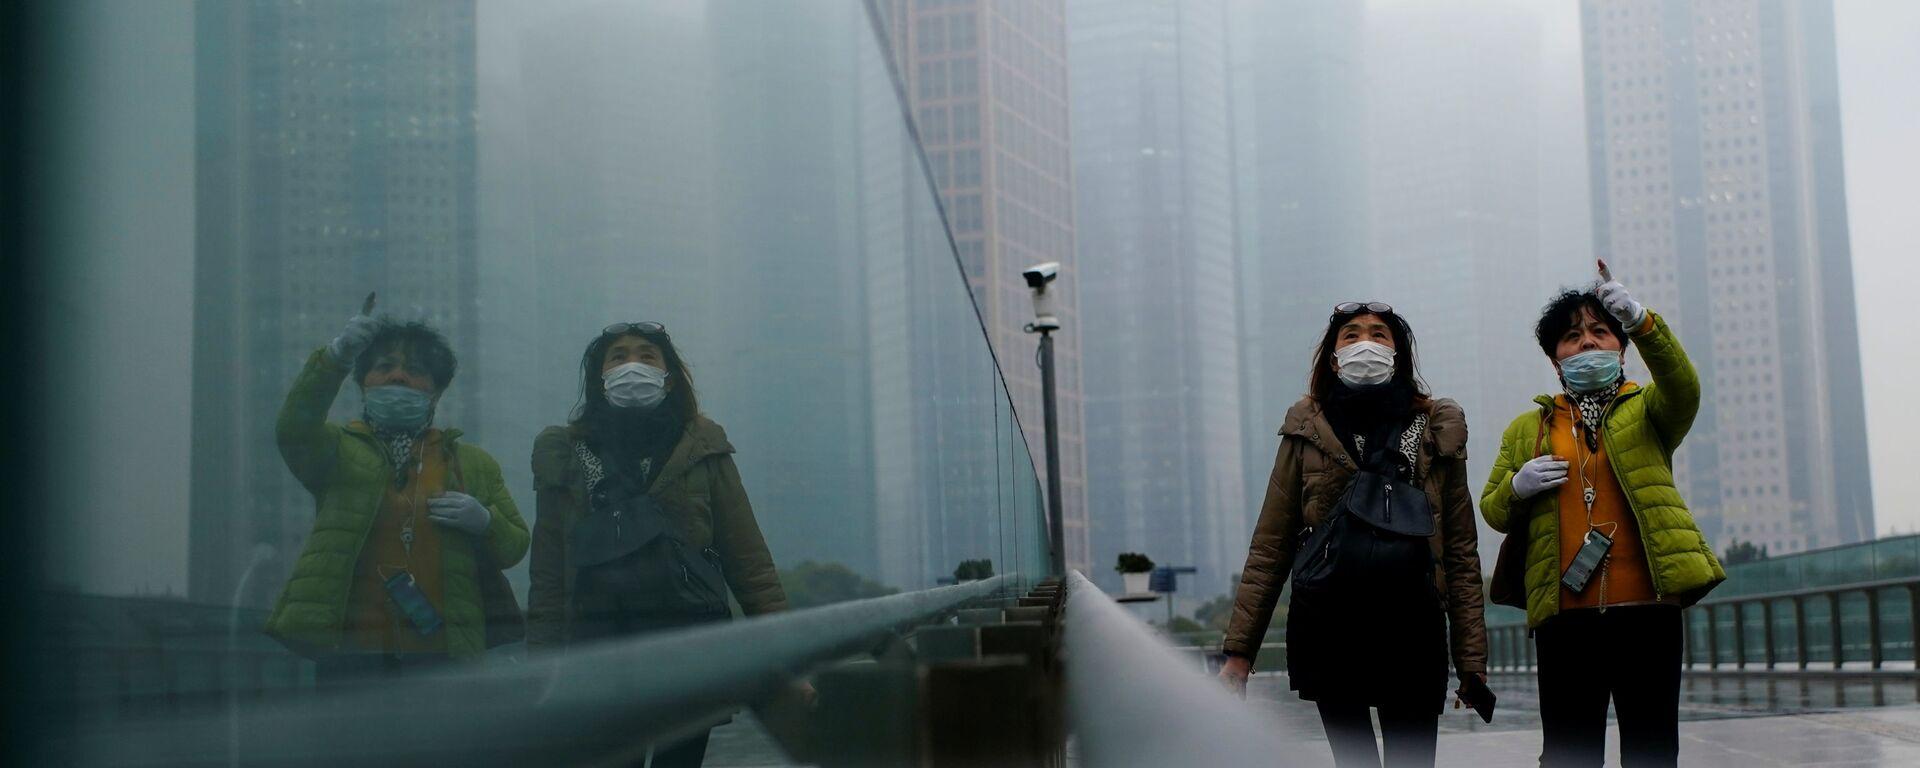 Люди в масках гуляют по Шанхаю, Китай - Sputnik Узбекистан, 1920, 12.09.2021